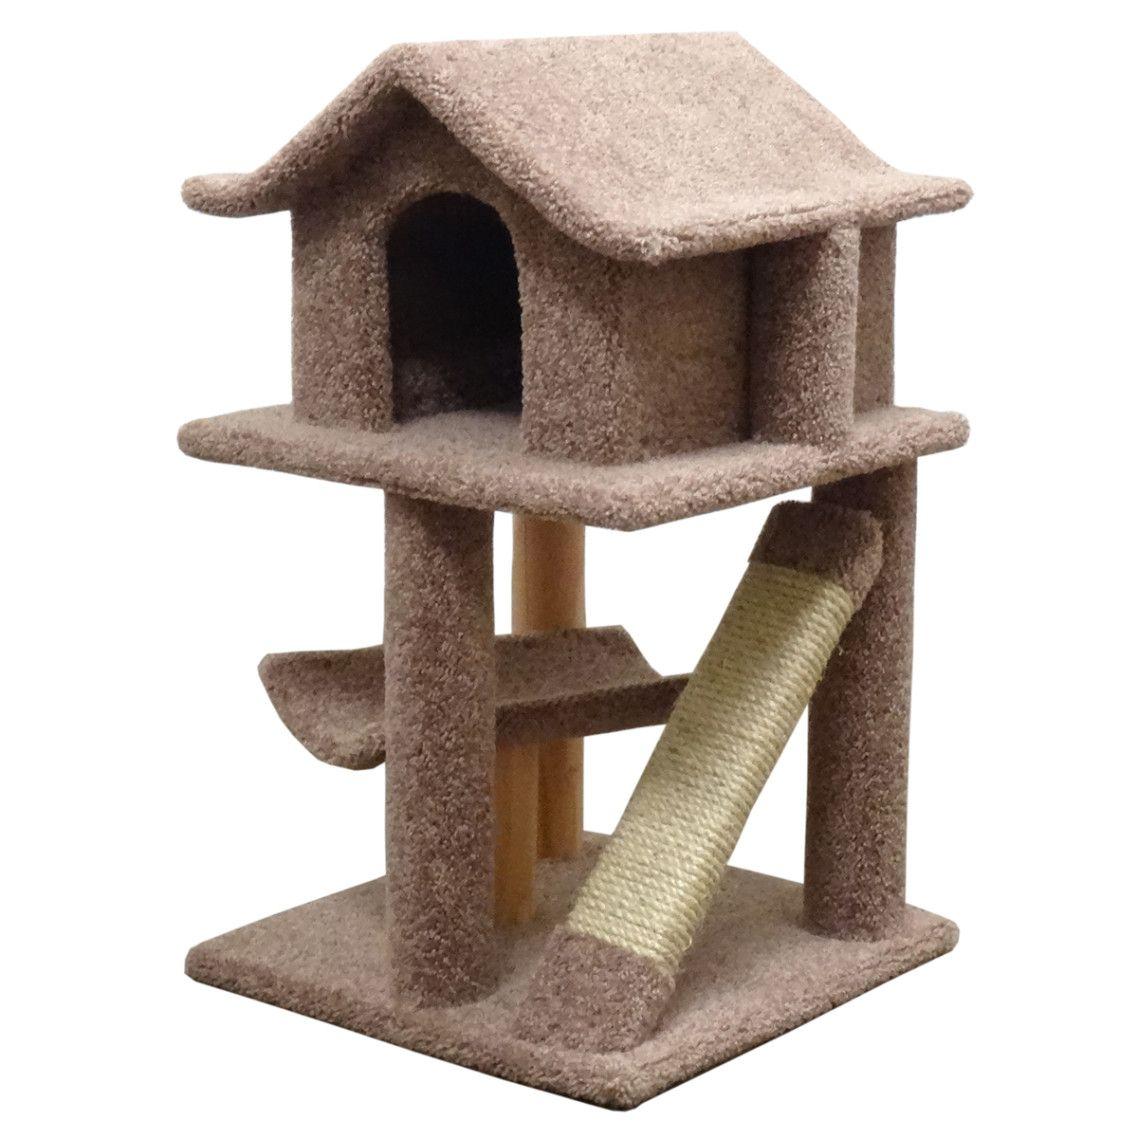 Dazzling Unique Cat Tree House Design Ideas